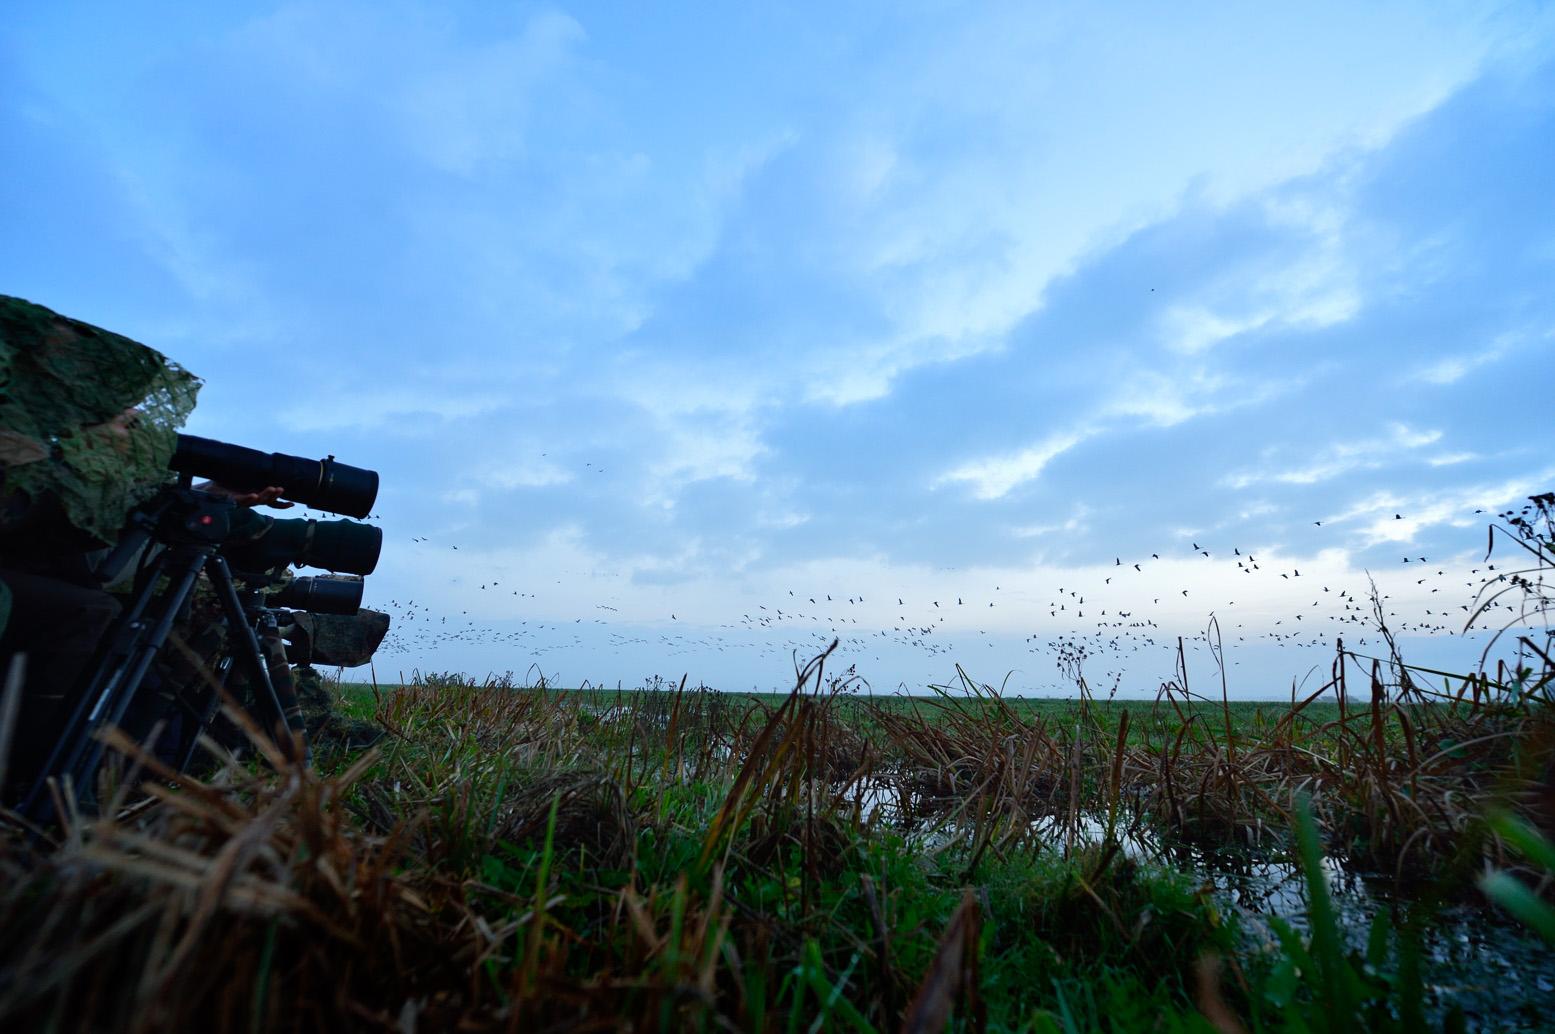 Zaczęło się, migawki poszły w ruch.fot. Piotr Chara